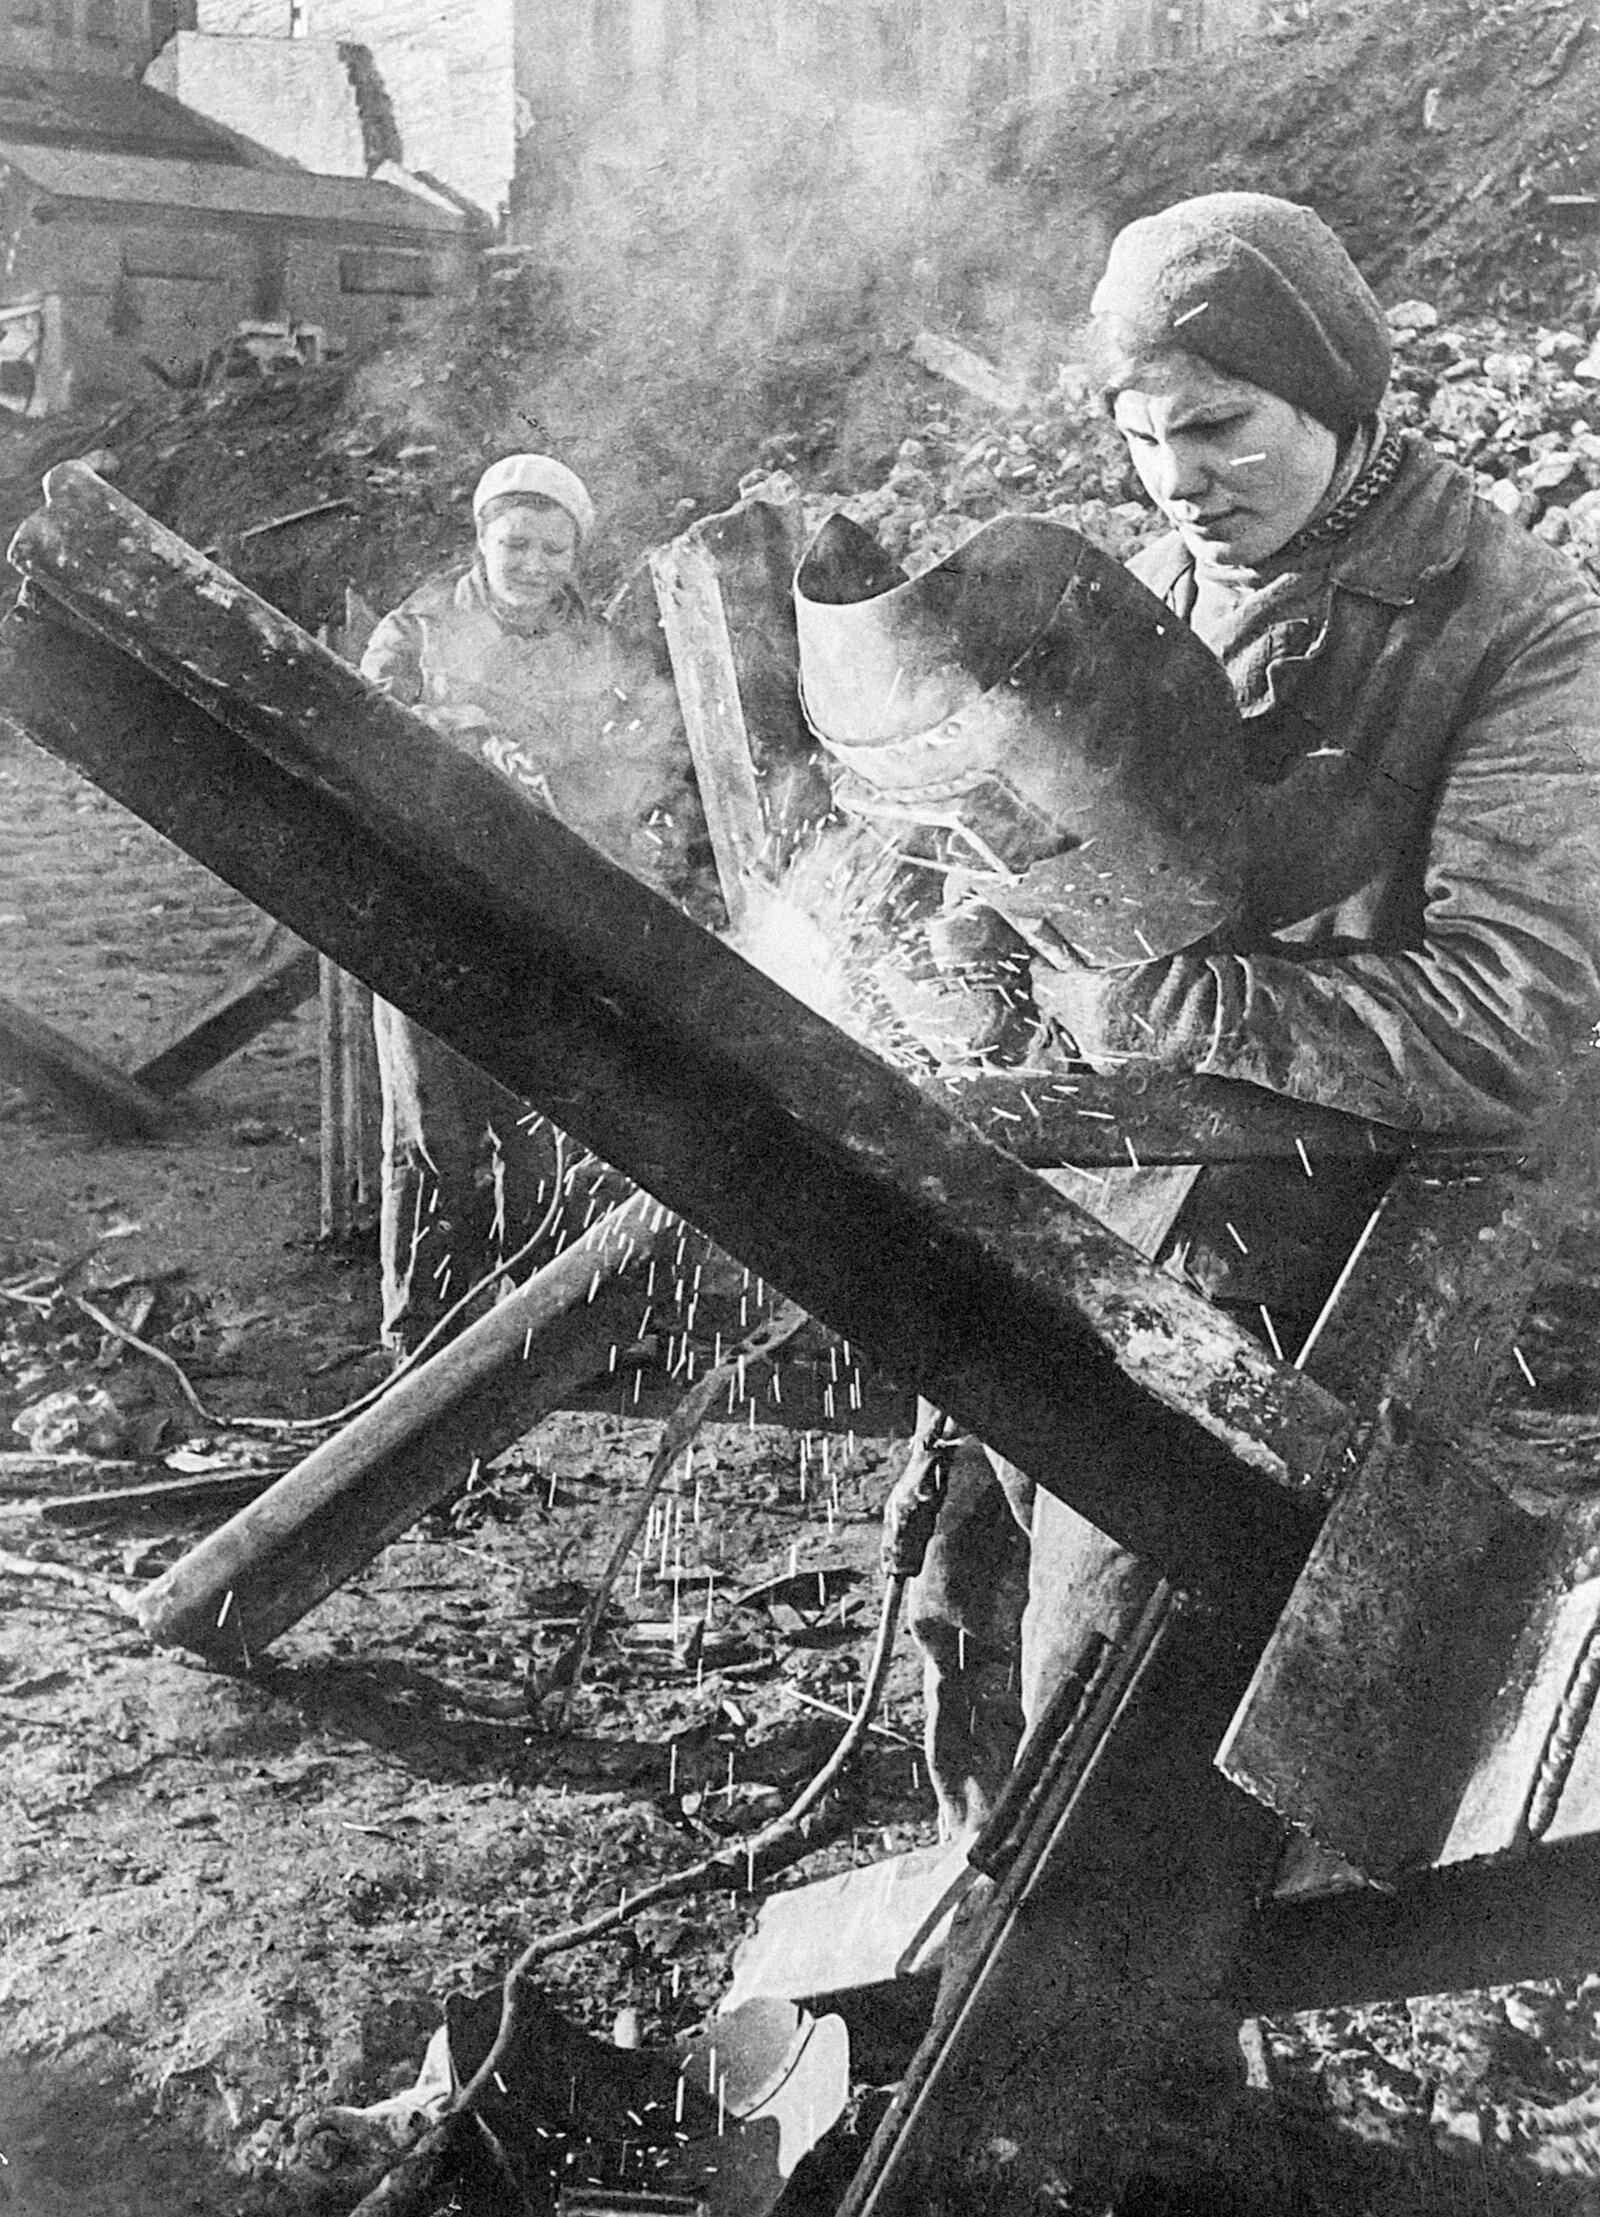 Сварка ежей. Октябрь 1941 года. Фото С. Струнникова. Главархив Москвы